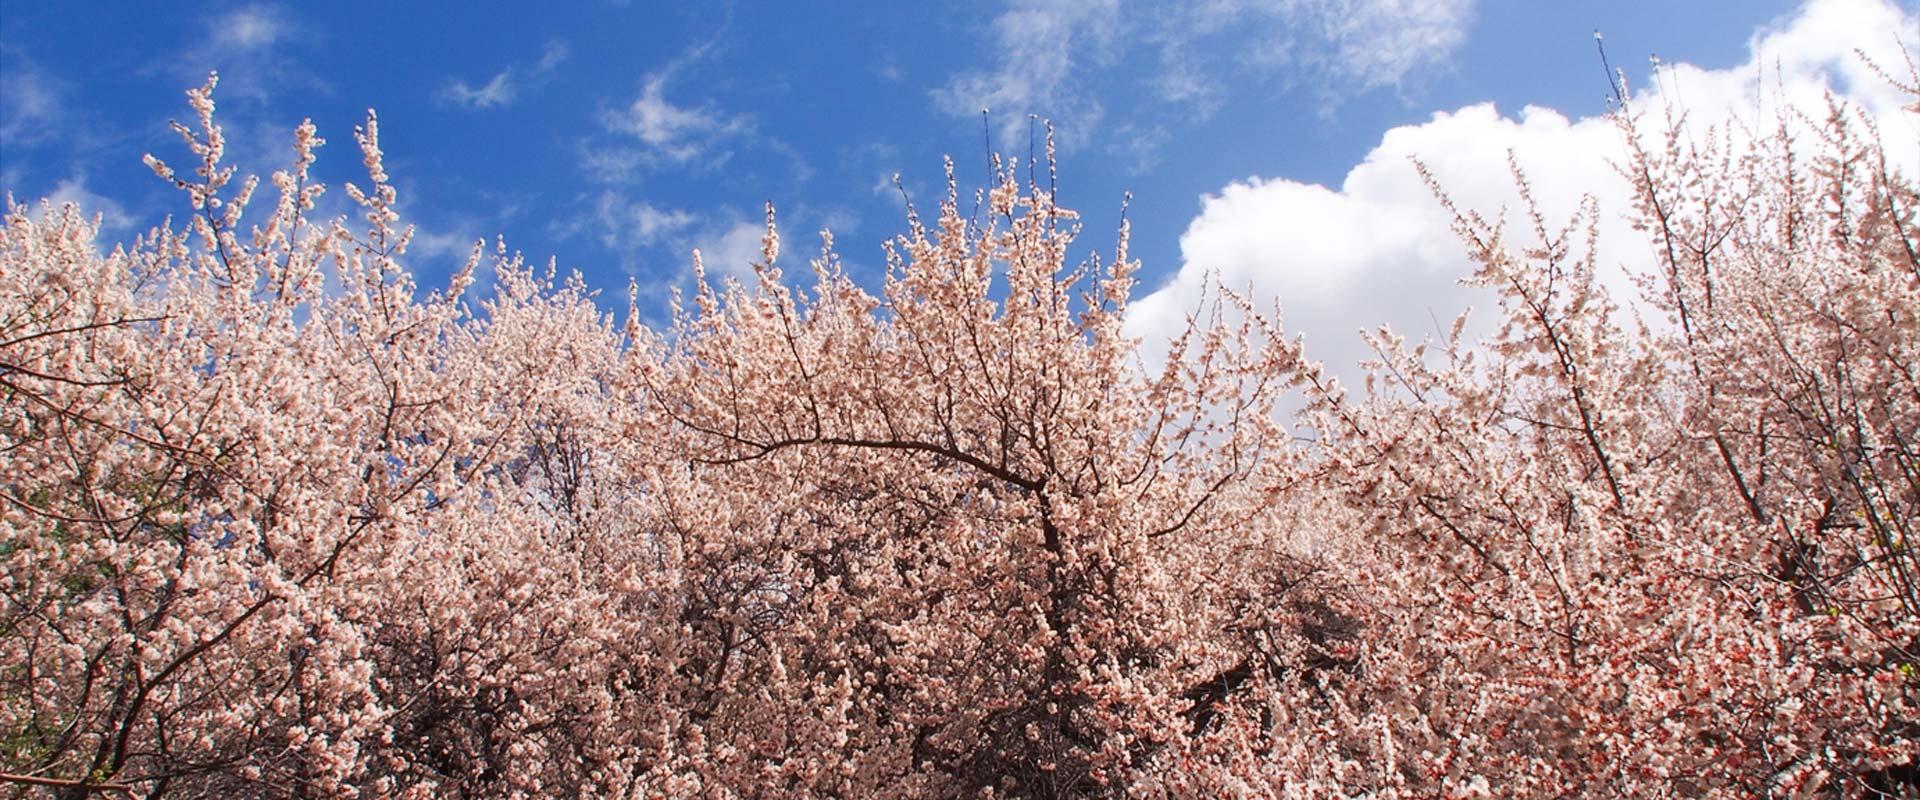 春のラダック 杏のお花見を満喫する旅 2019